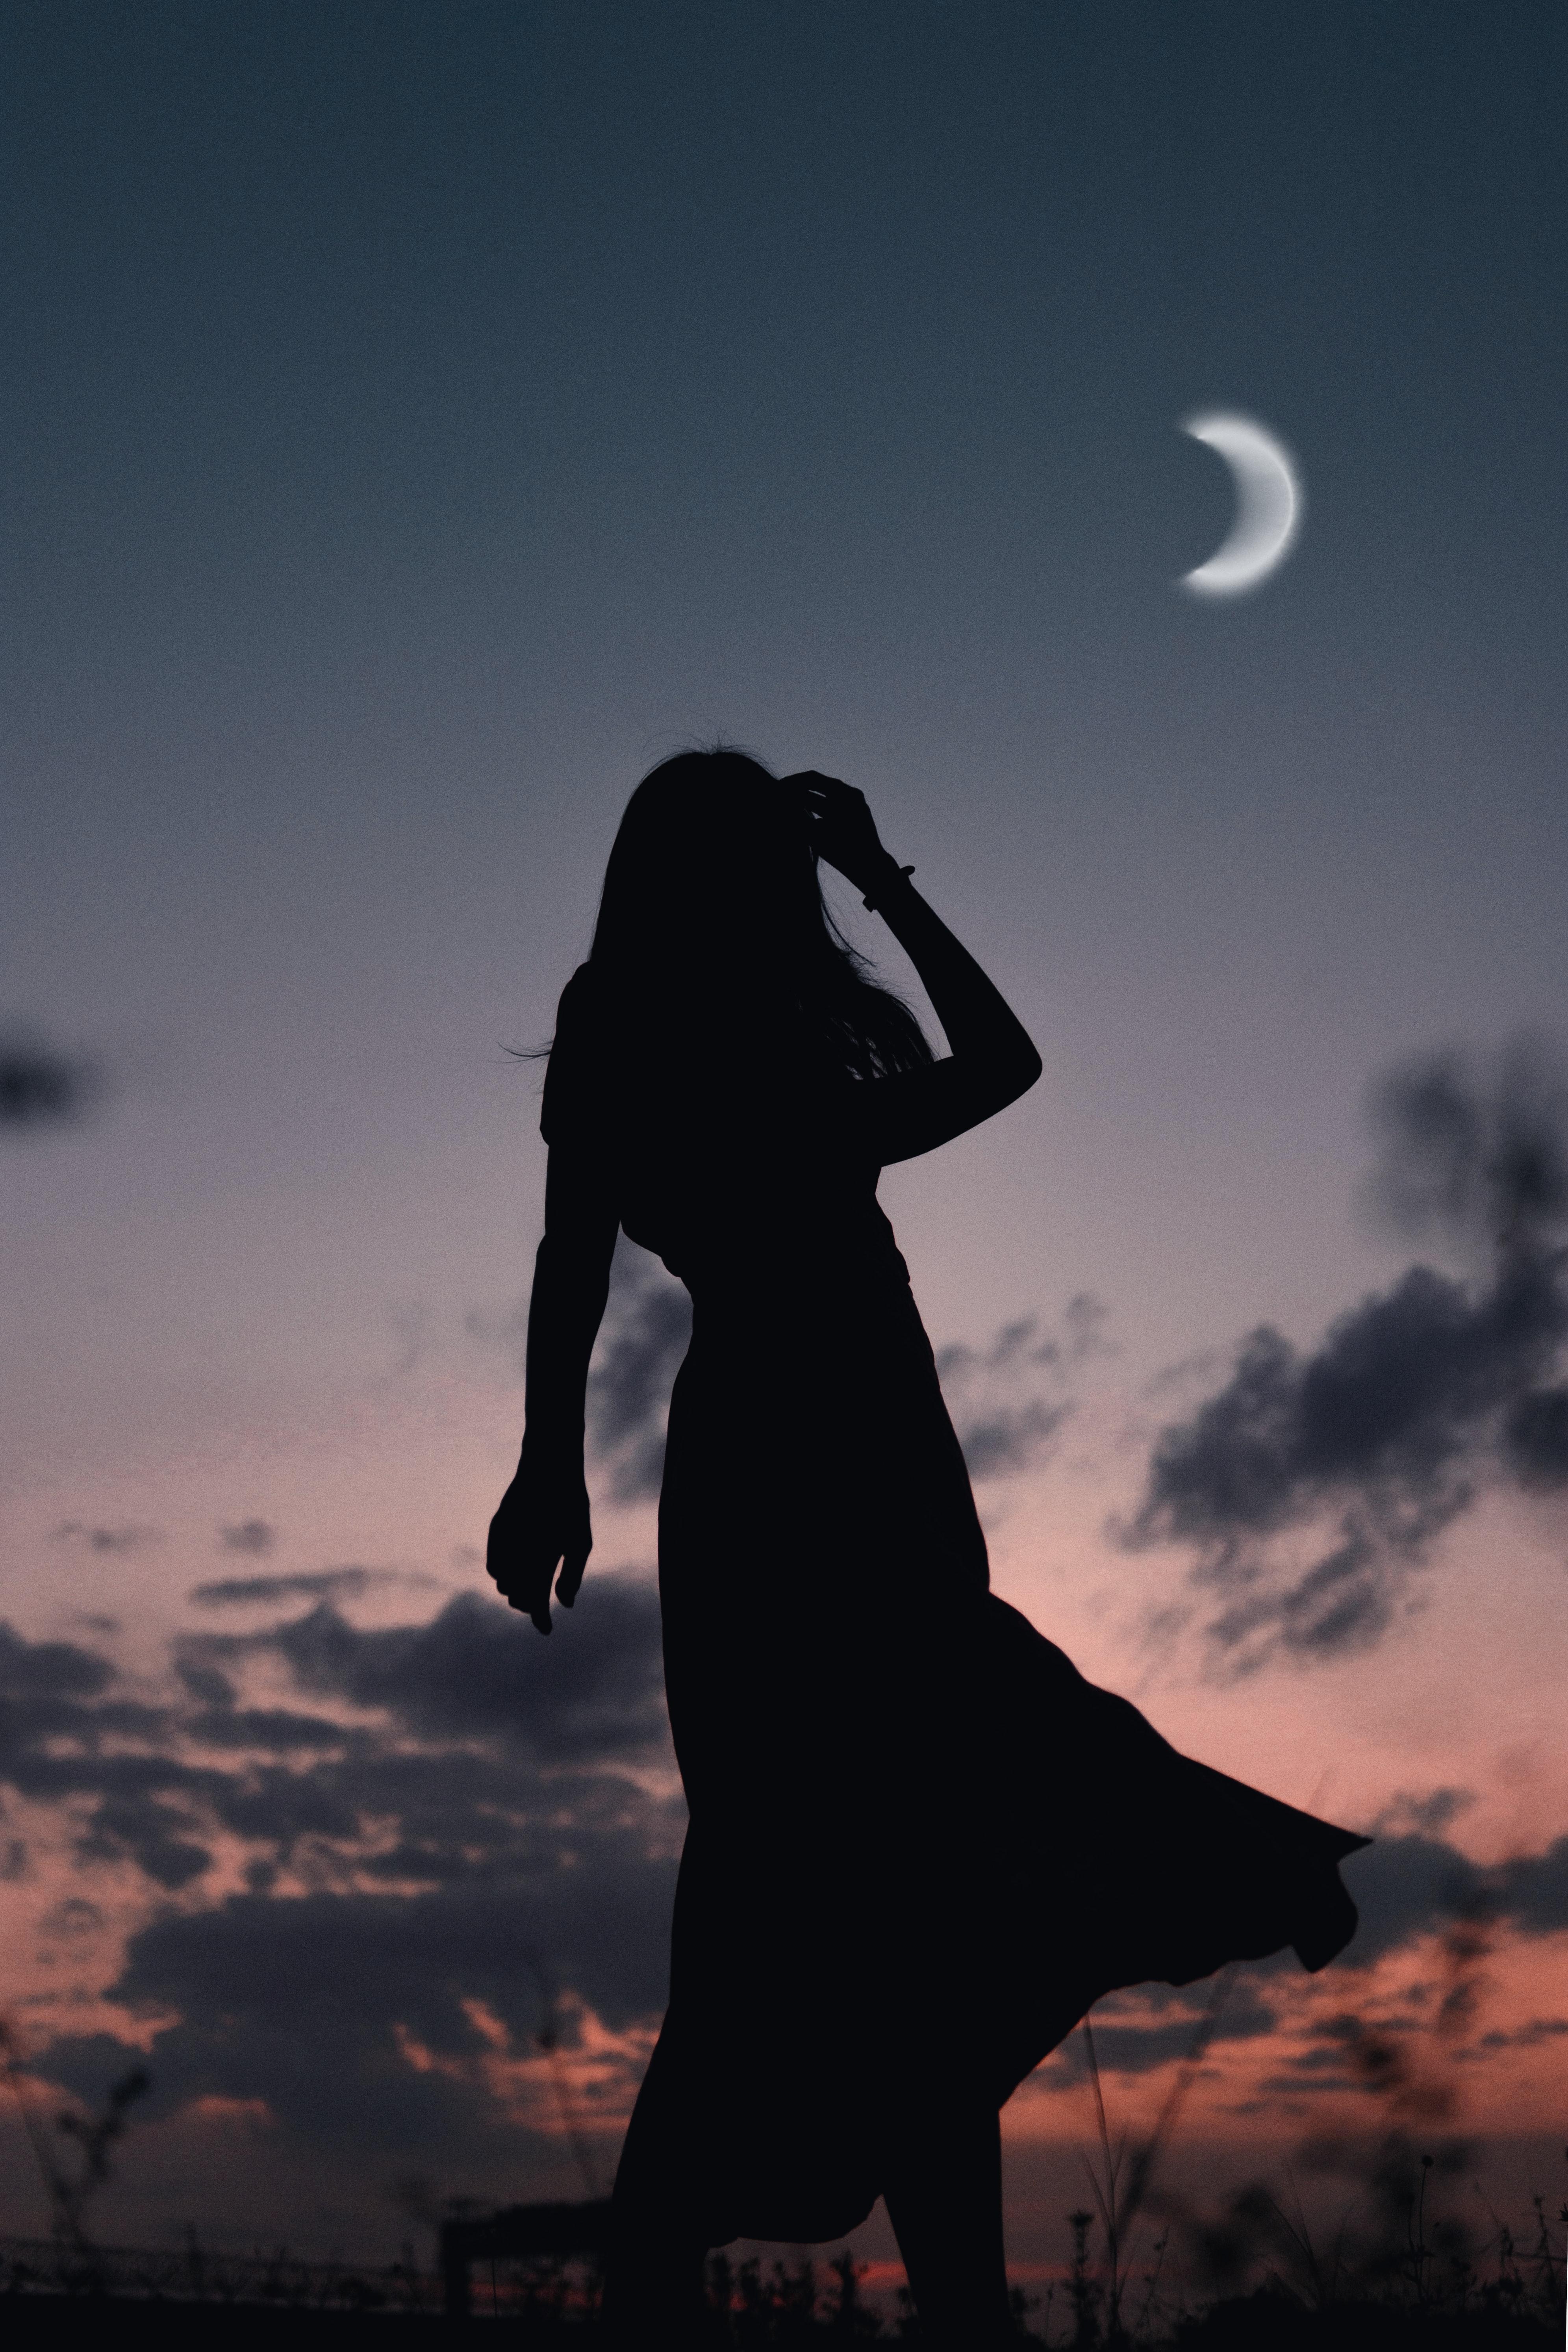 120175 скачать обои Темные, Девушка, Силуэт, Луна, Сумерки, Темный - заставки и картинки бесплатно